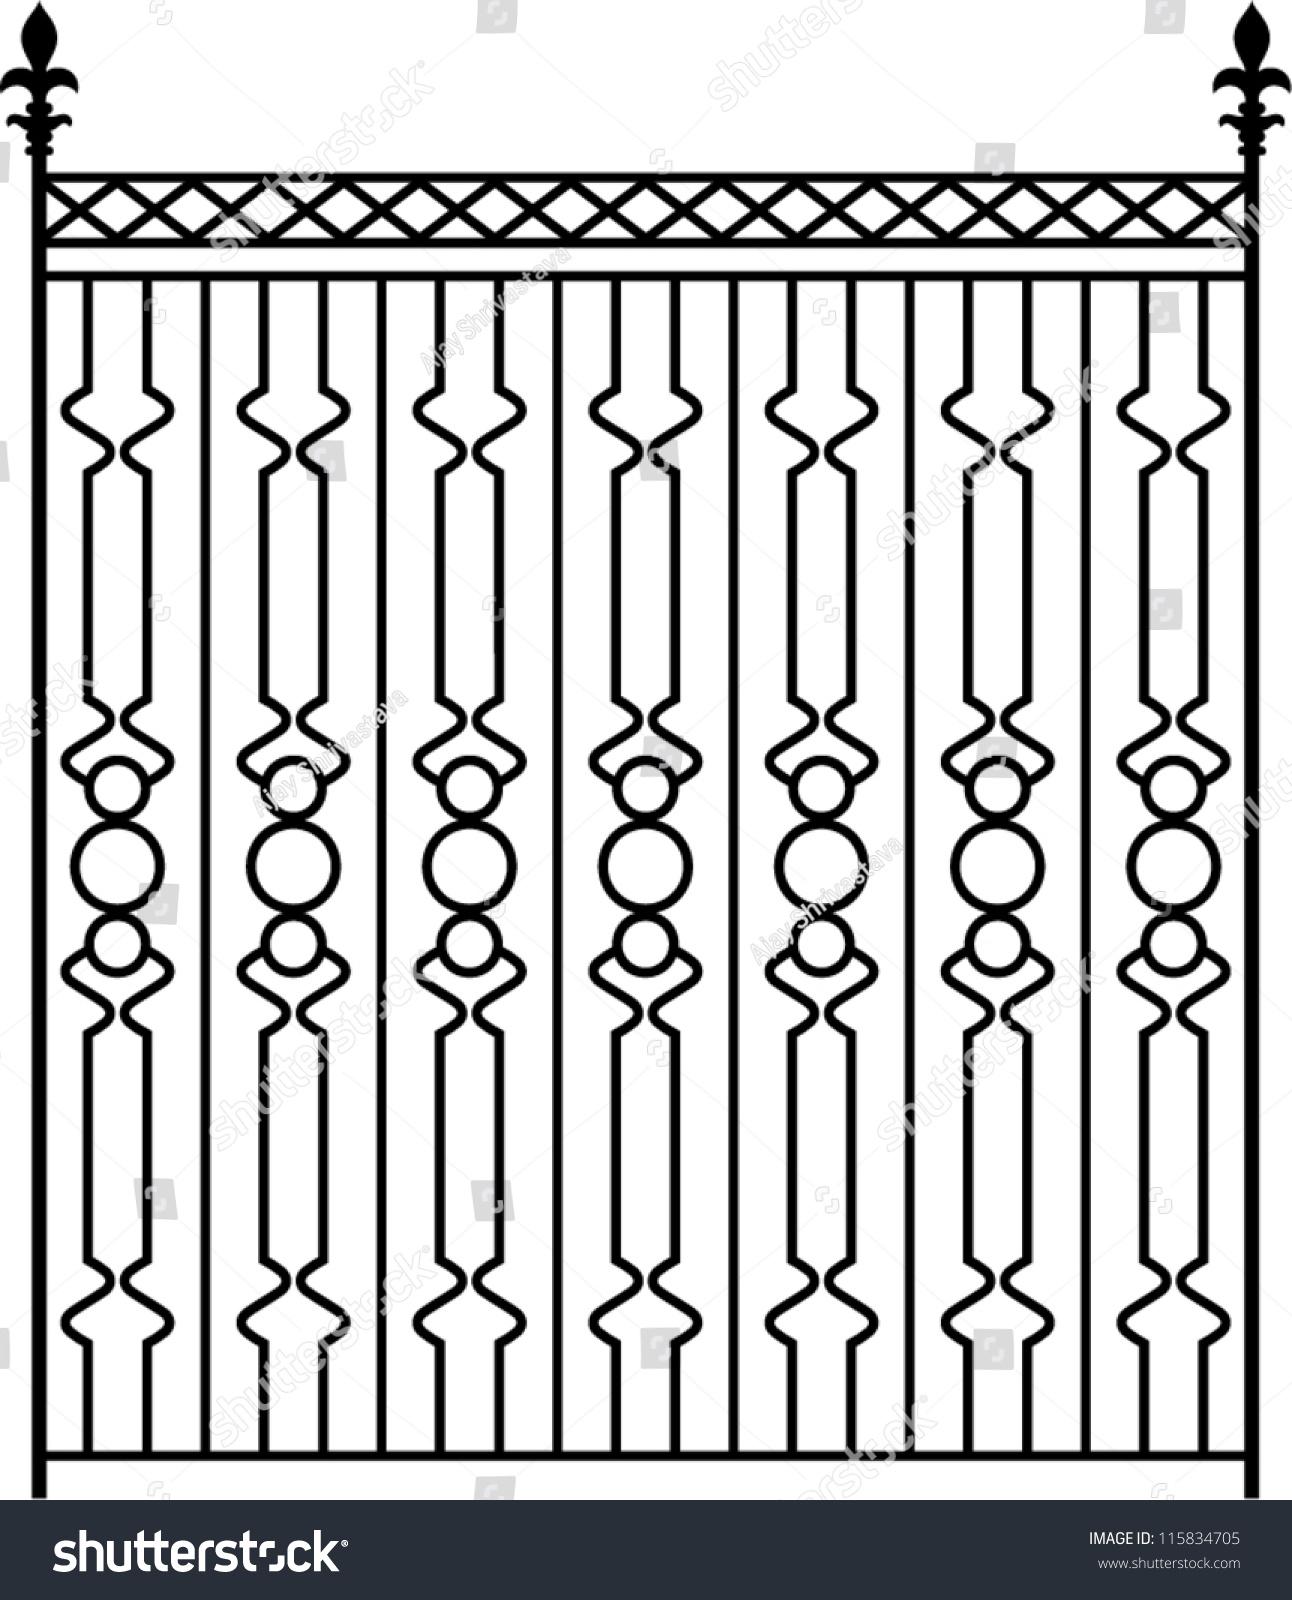 Wrought Iron Gate Door Fence Window Stock Vector 115834705